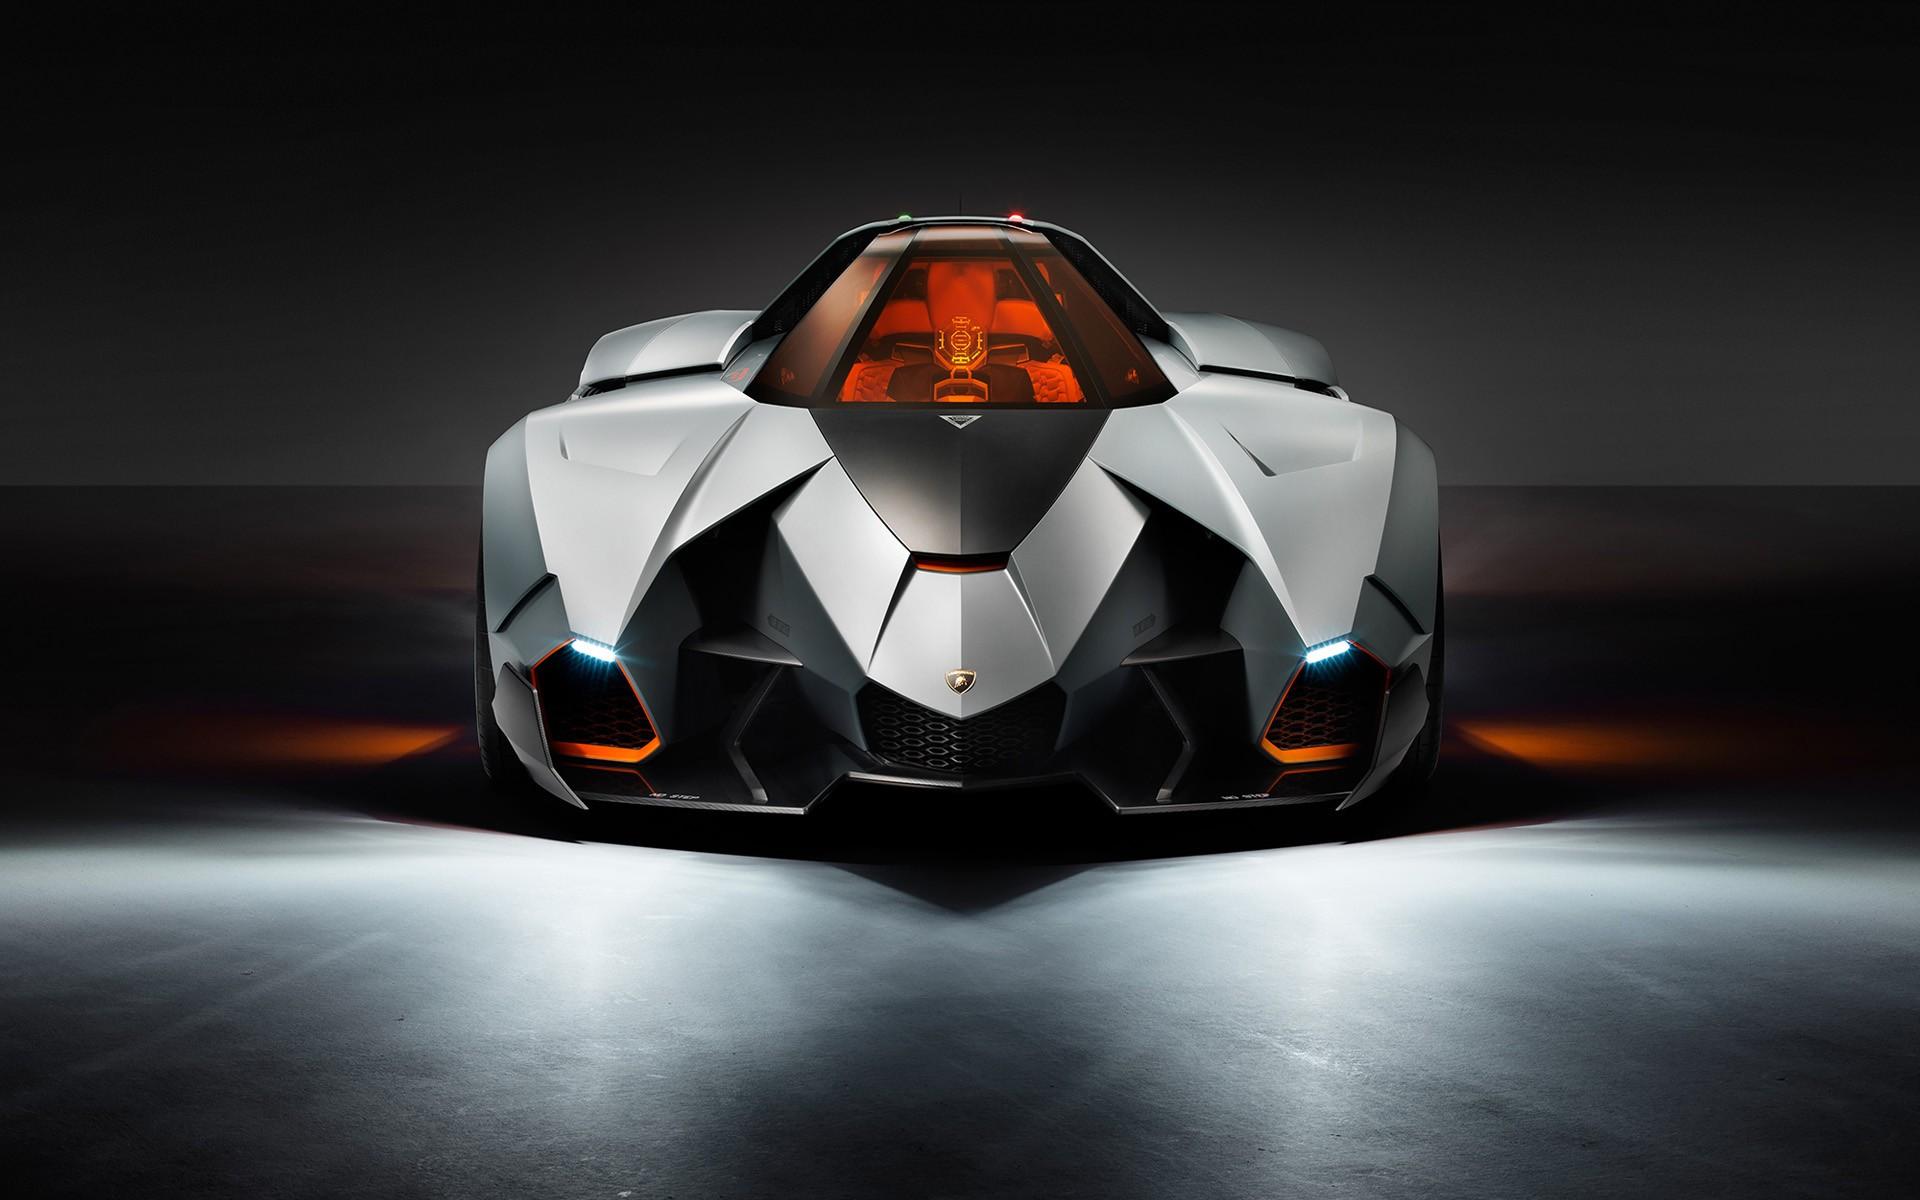 Hinh Nền Xe Hơi Xe Khai Niệm Xe Thể Thao Lamborghini Egoista